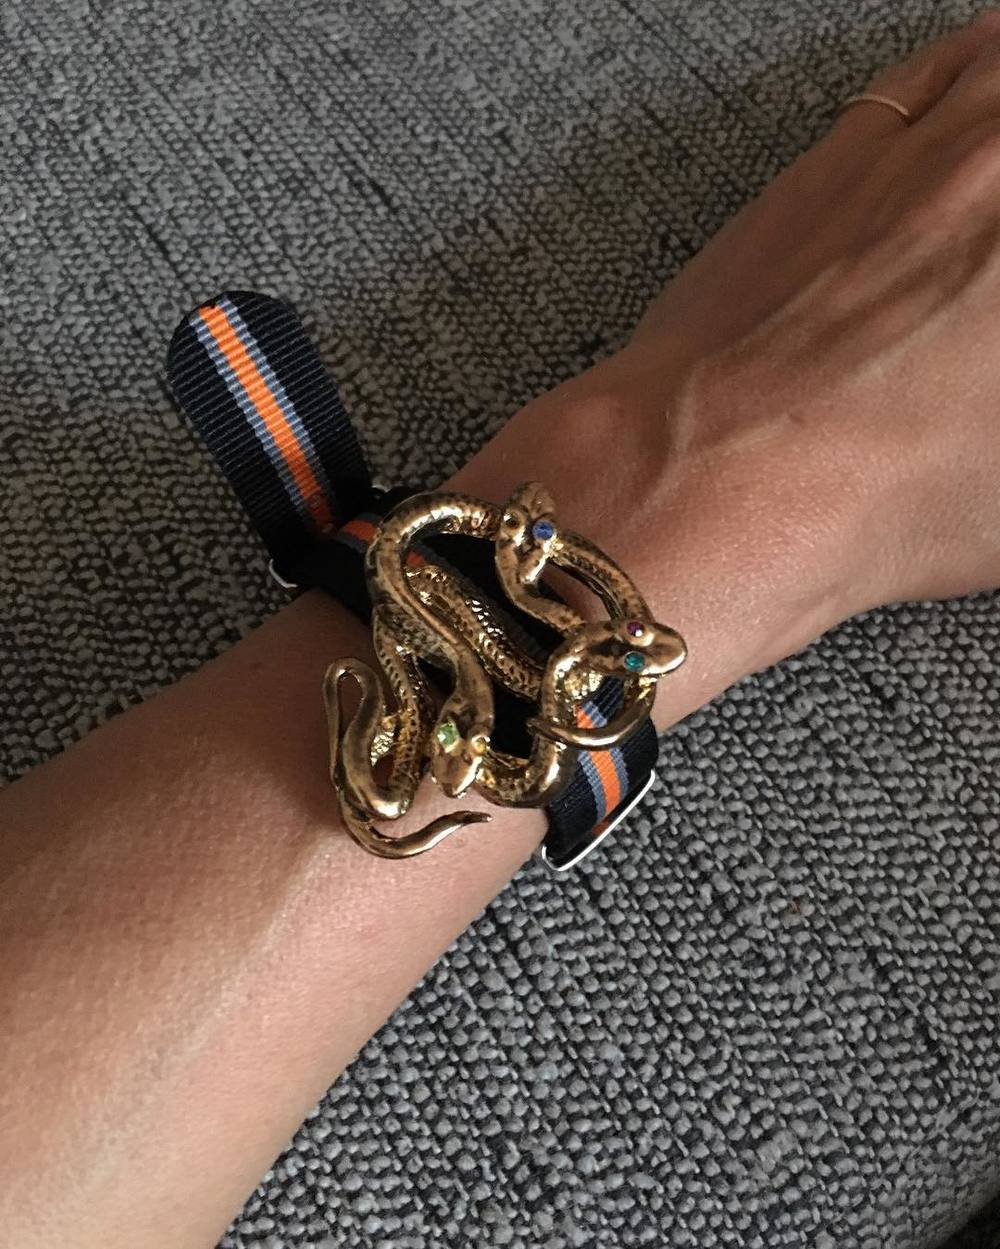 thanks_so_much___gabrielefrantzen__I_love_the_idea_with_the_old_school_rip_band.___gabrielefrantzen__snake__munich_by_roselangenbein.jpg